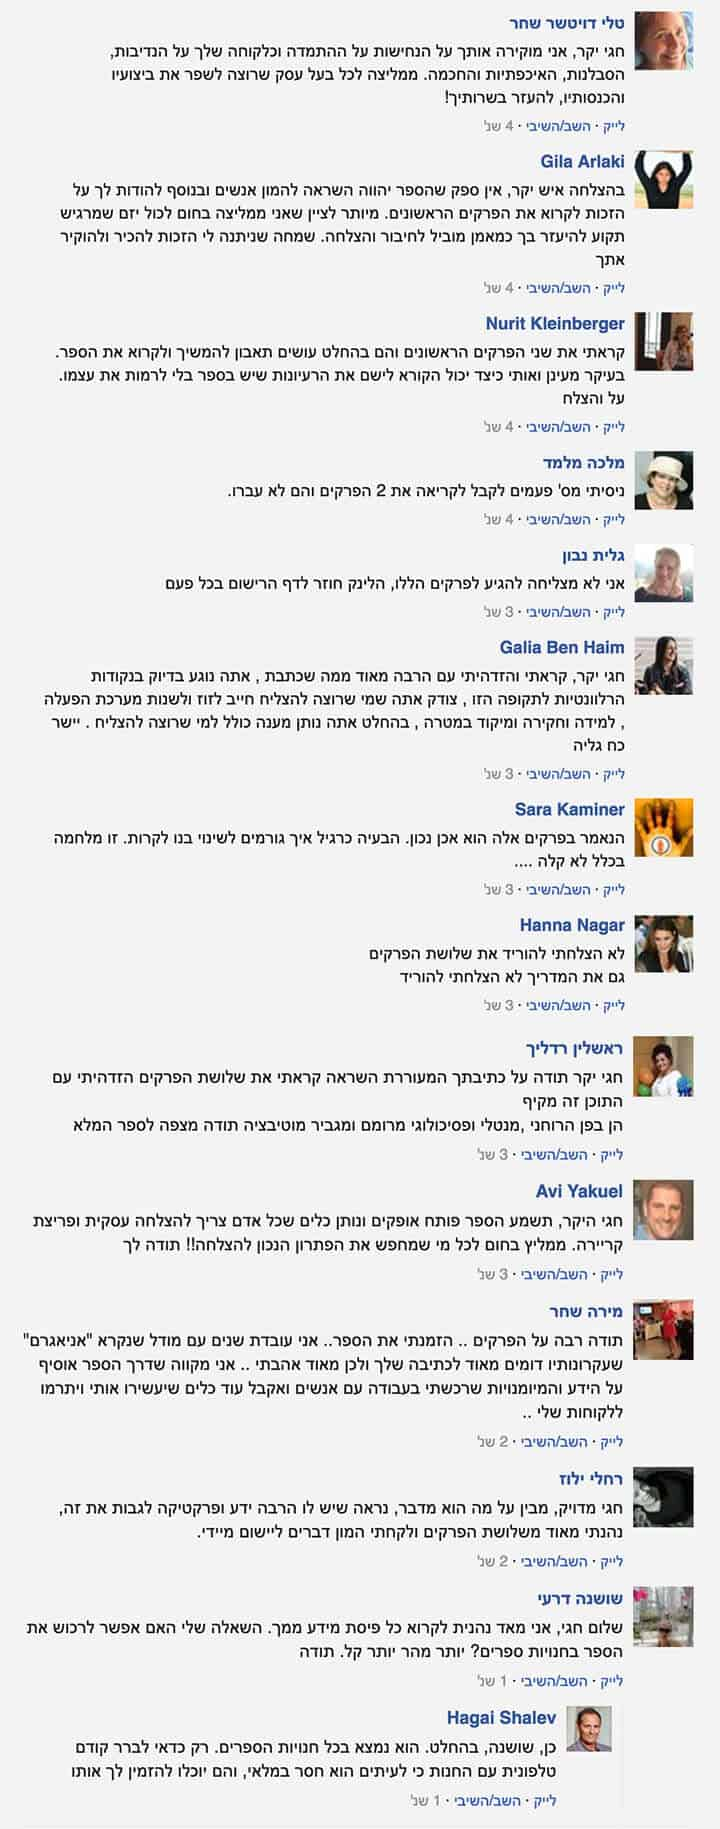 תגובות-פייסבוק-3-פרקים-במתנה